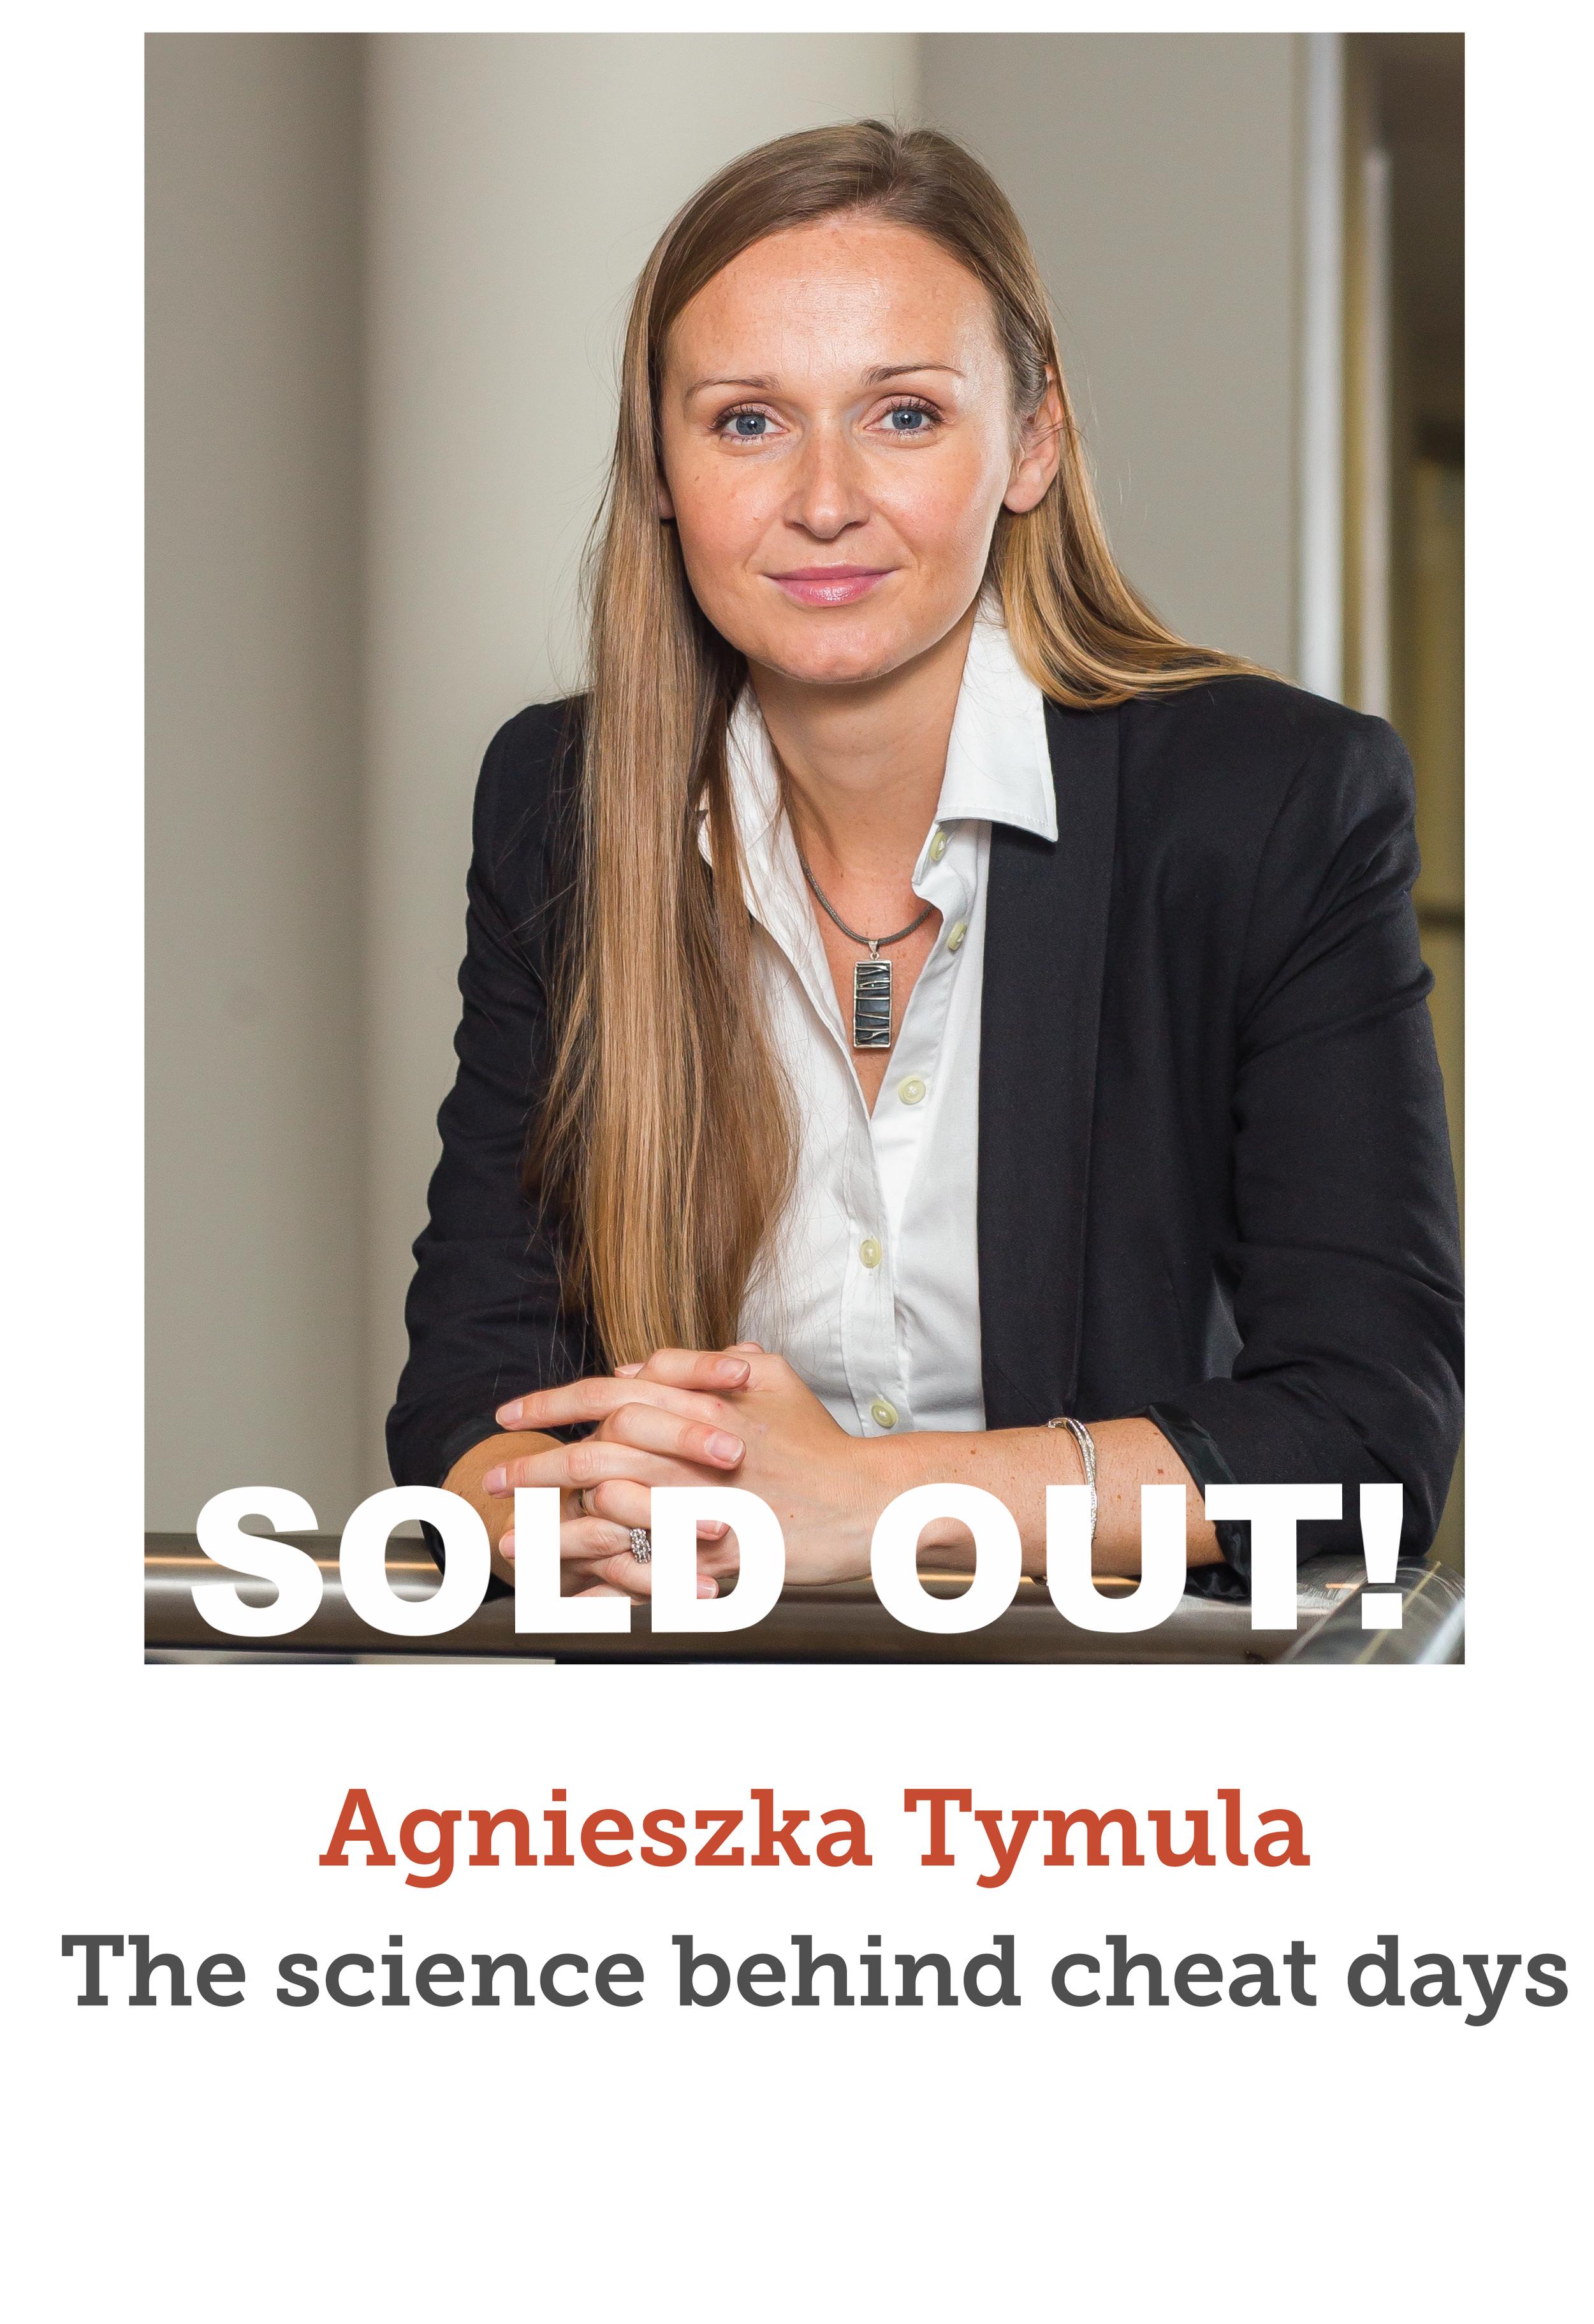 Agnieszka-t!-01.png